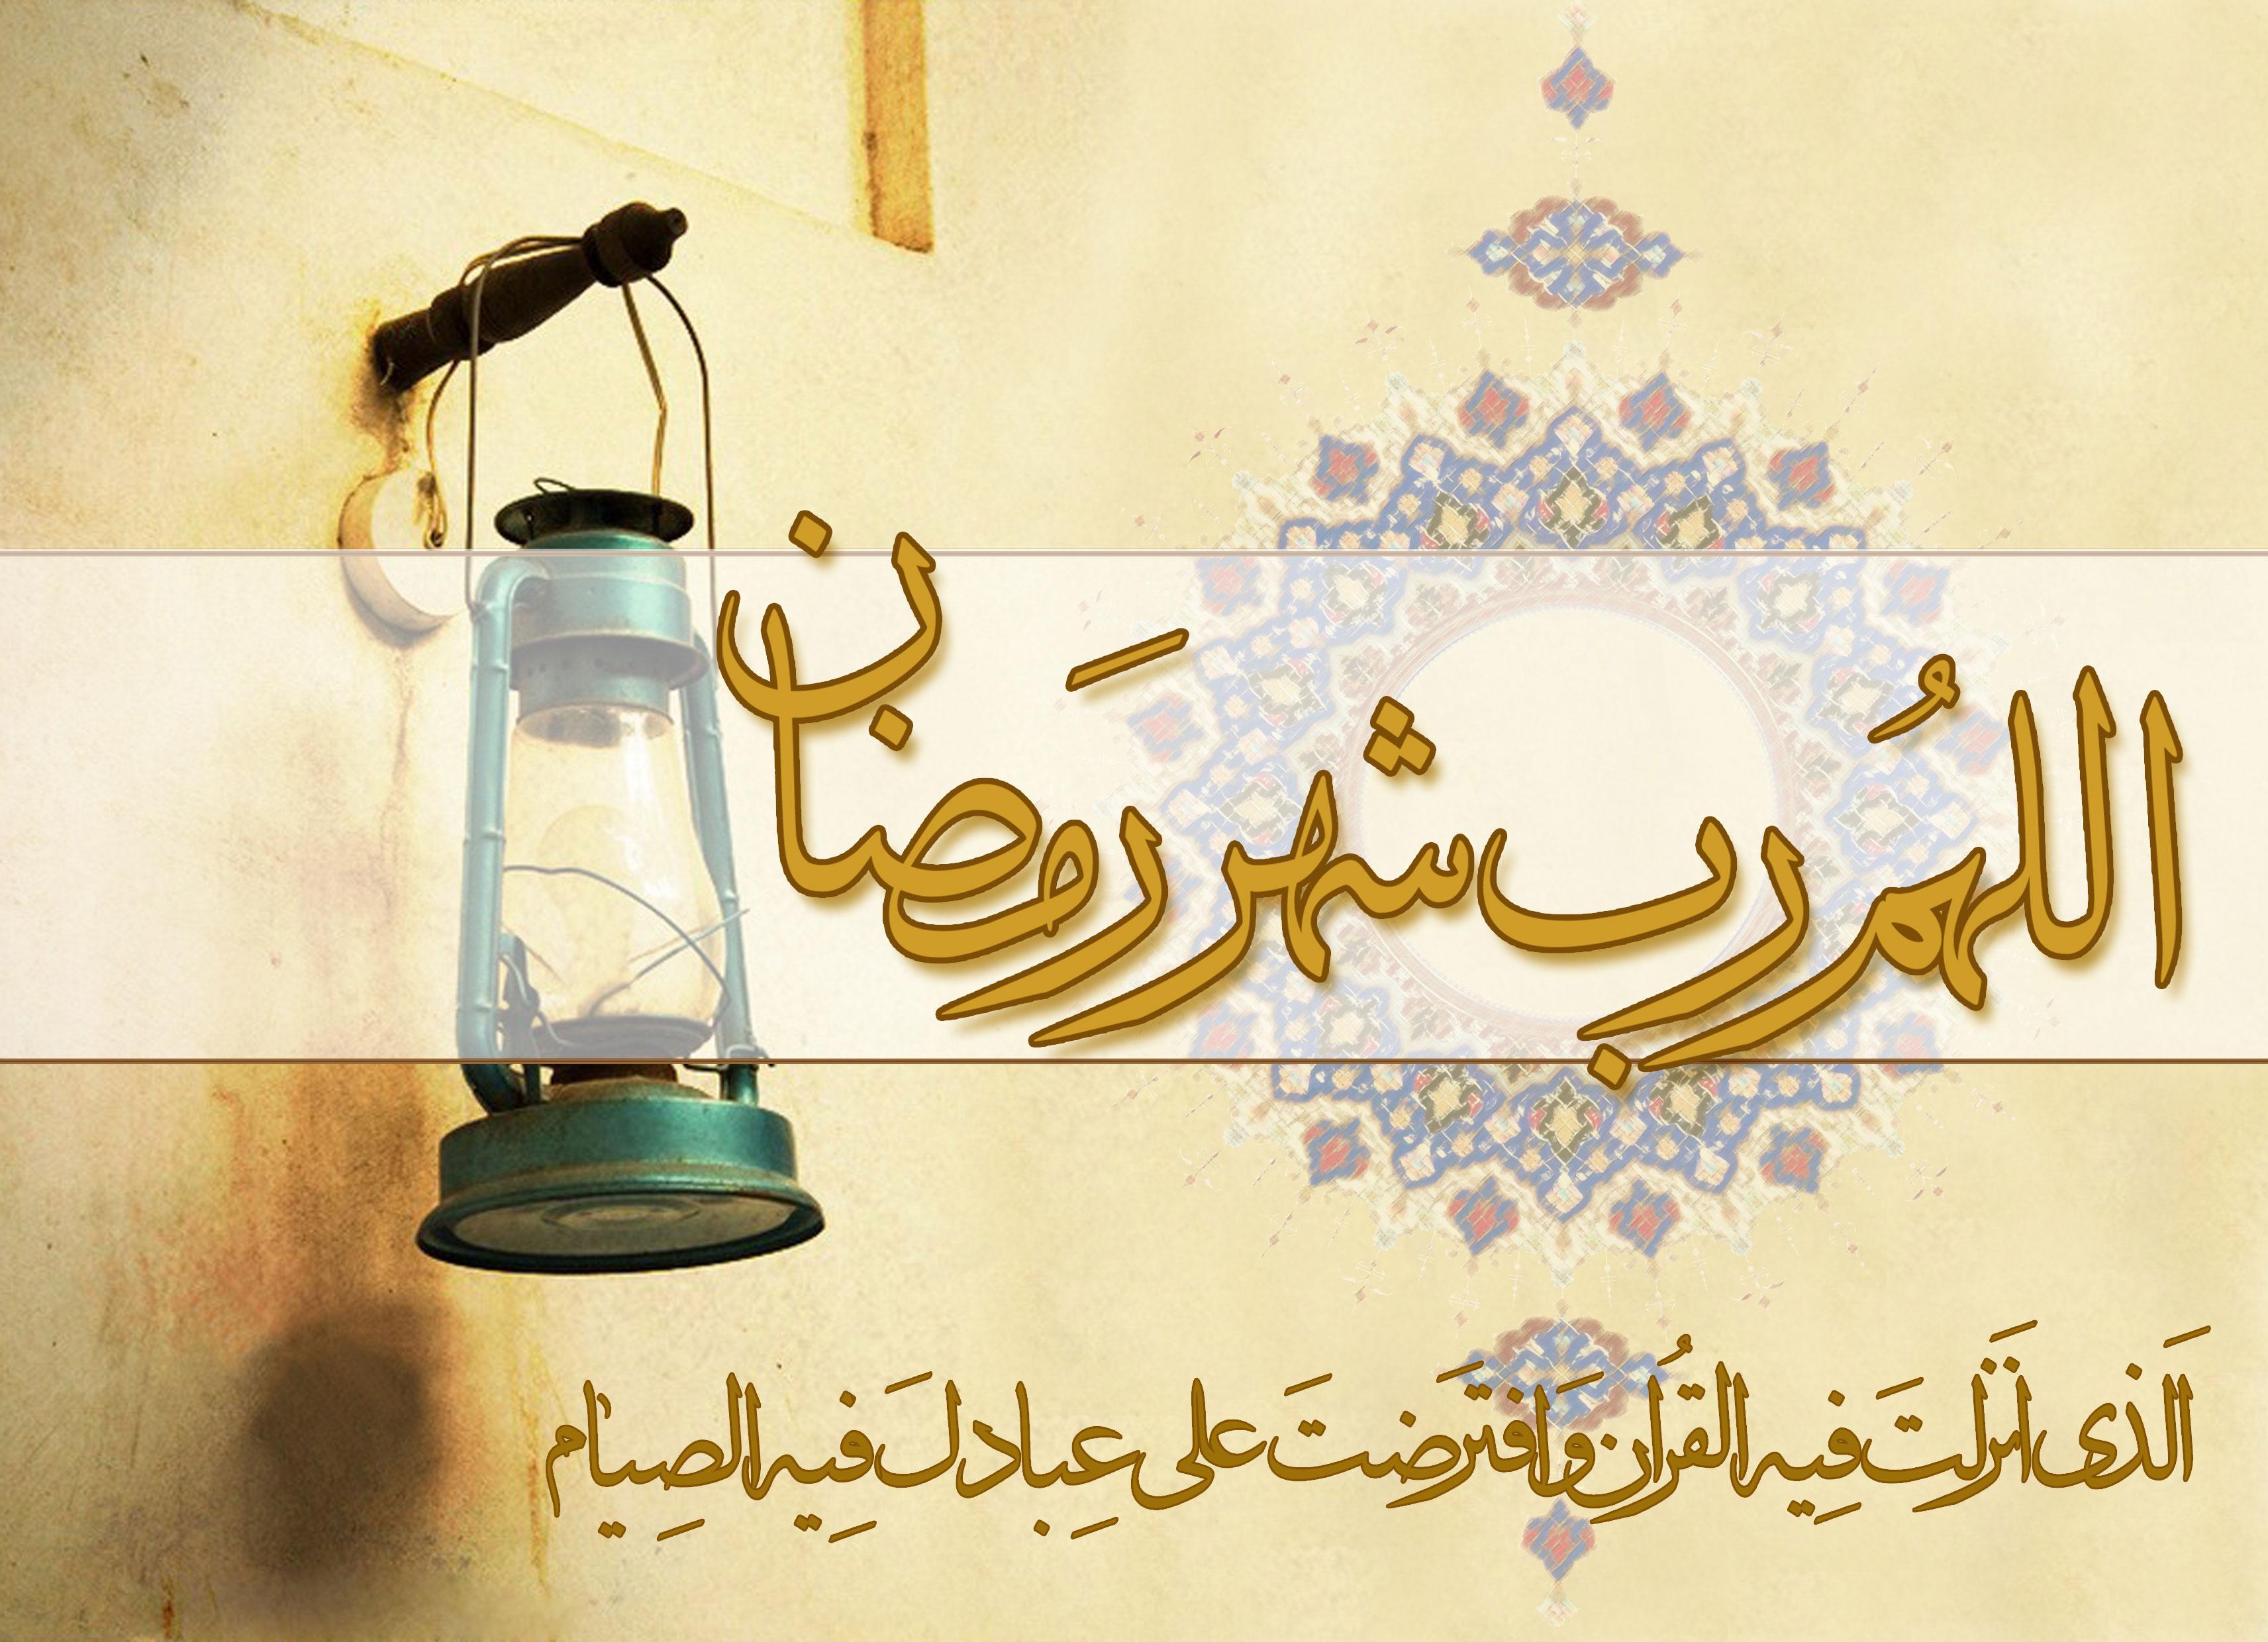 اوقات شرعی شهرهای استان مازندران در ماه مبارک رمضان ۹۶